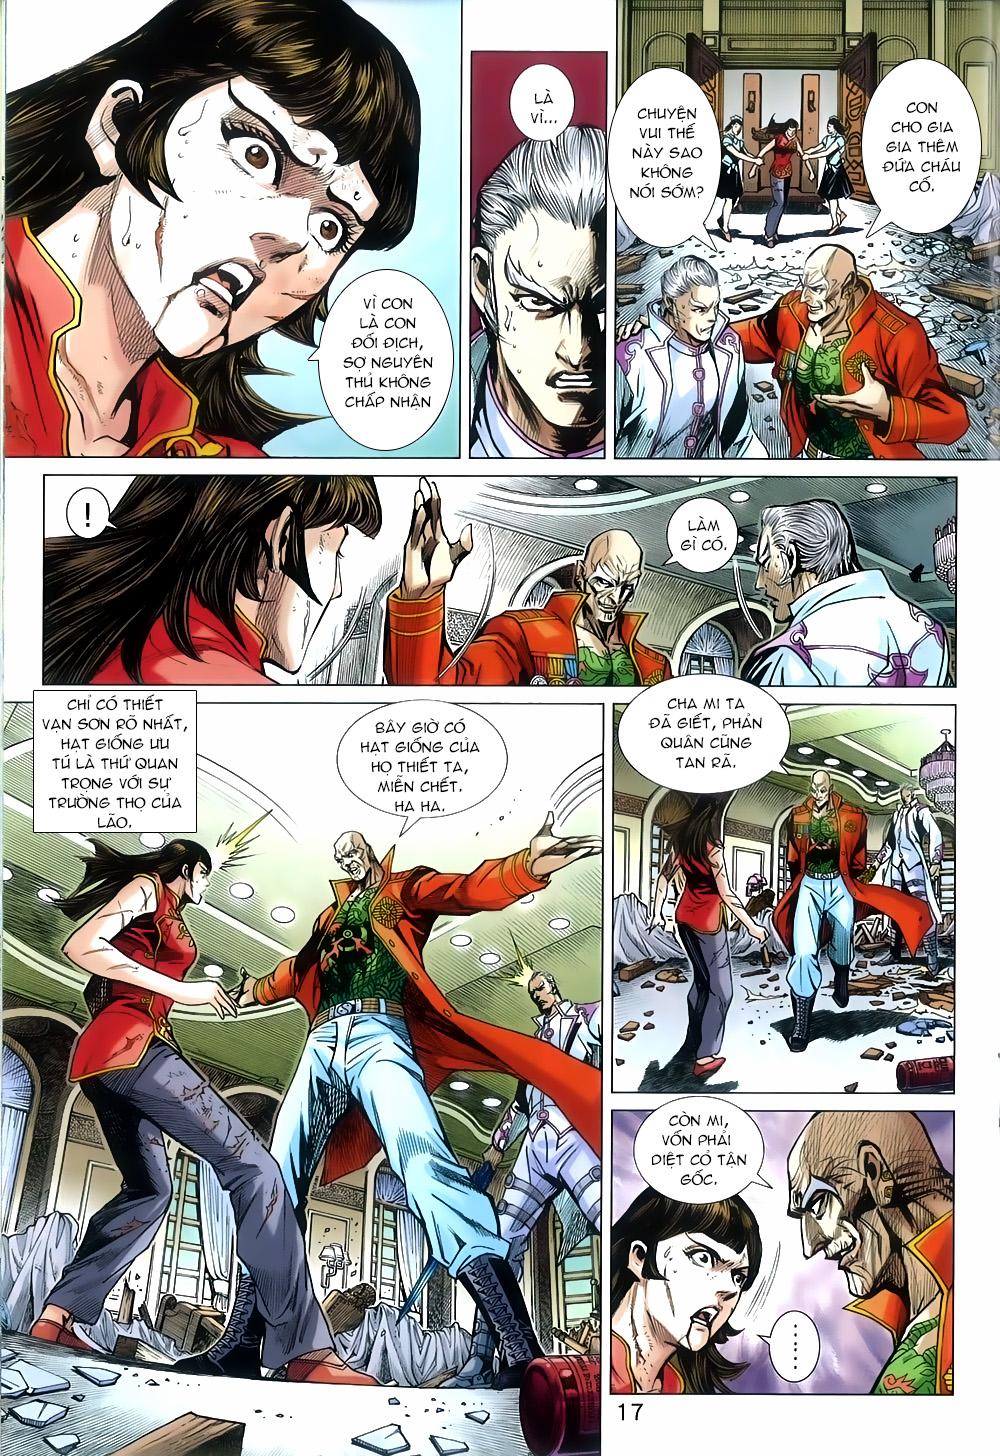 Tân Tác Long Hổ Môn chap 816 Trang 17 - Mangak.info